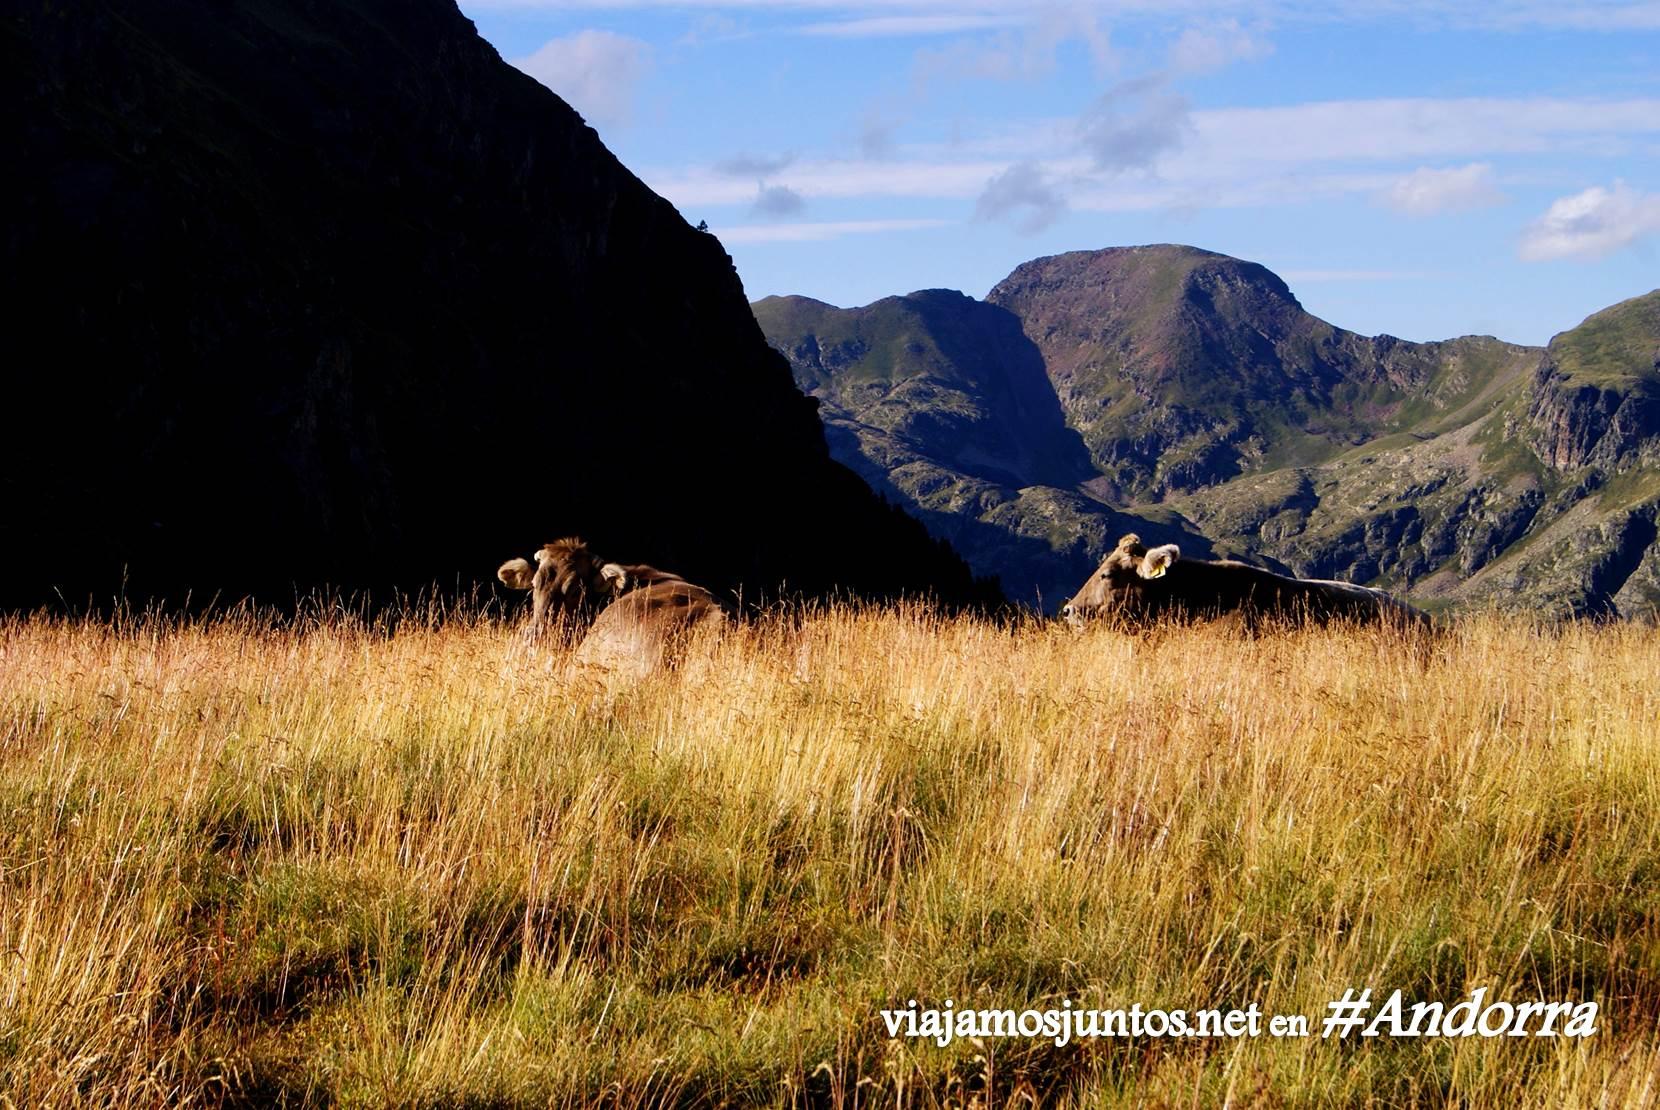 Vacas en gran recorrido alrededor del país, Andorra, Pirineos